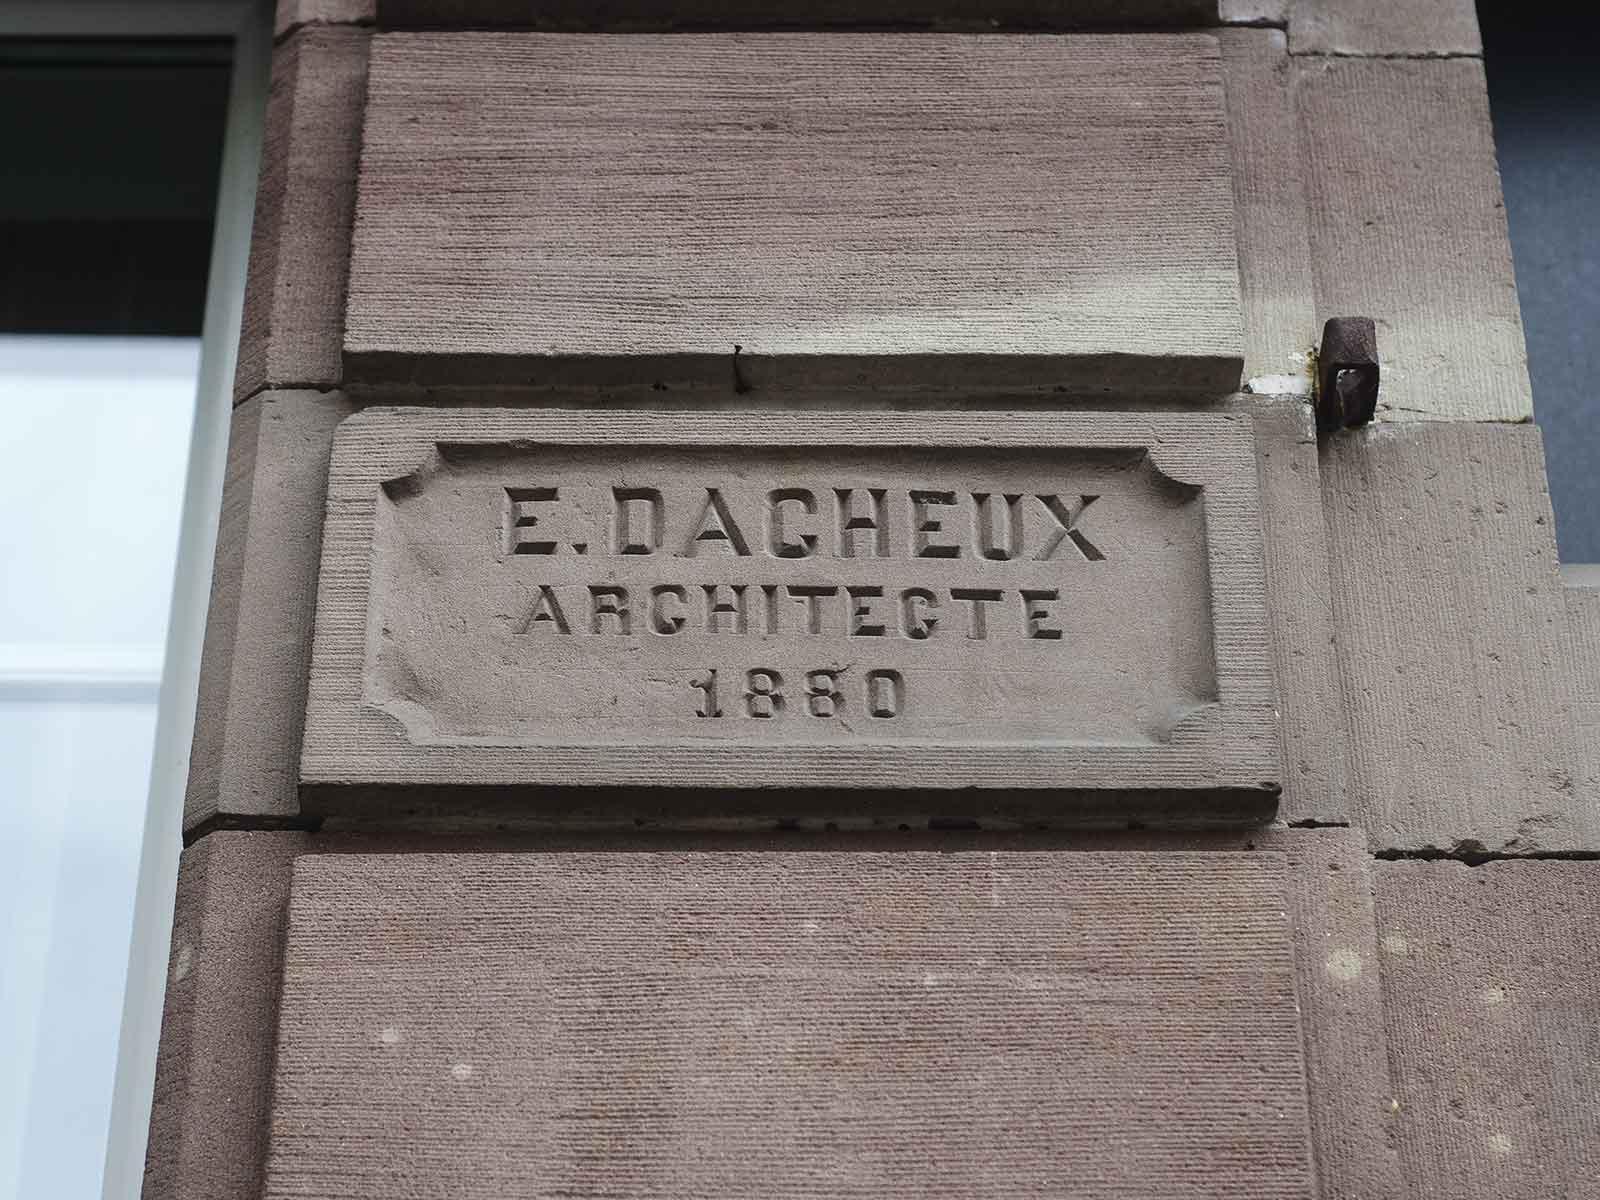 E-Dacheux-Architecte-1880